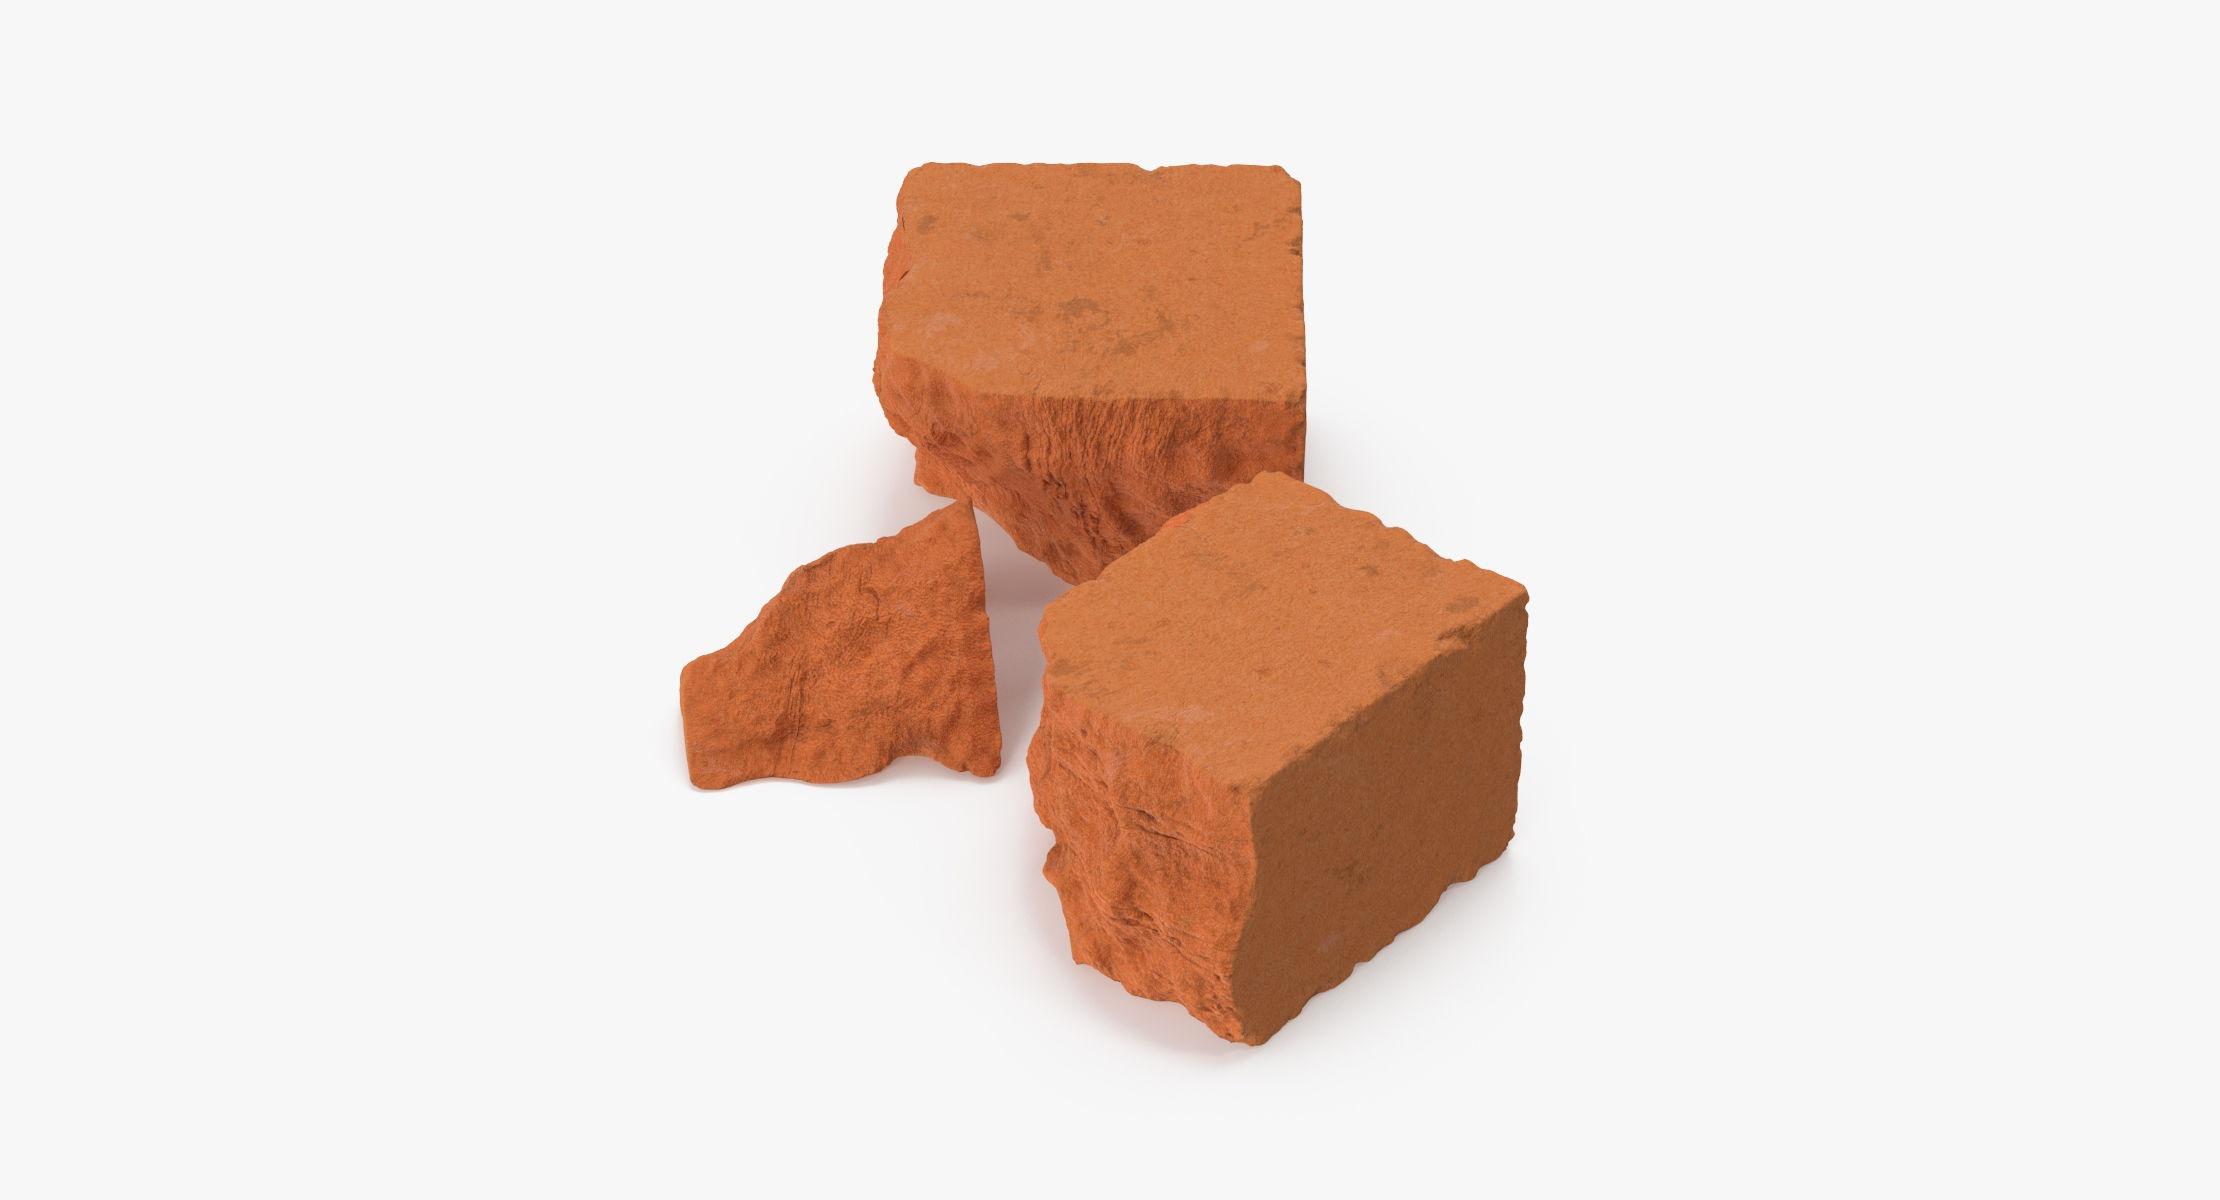 Bricks Broken 03 - reel 1